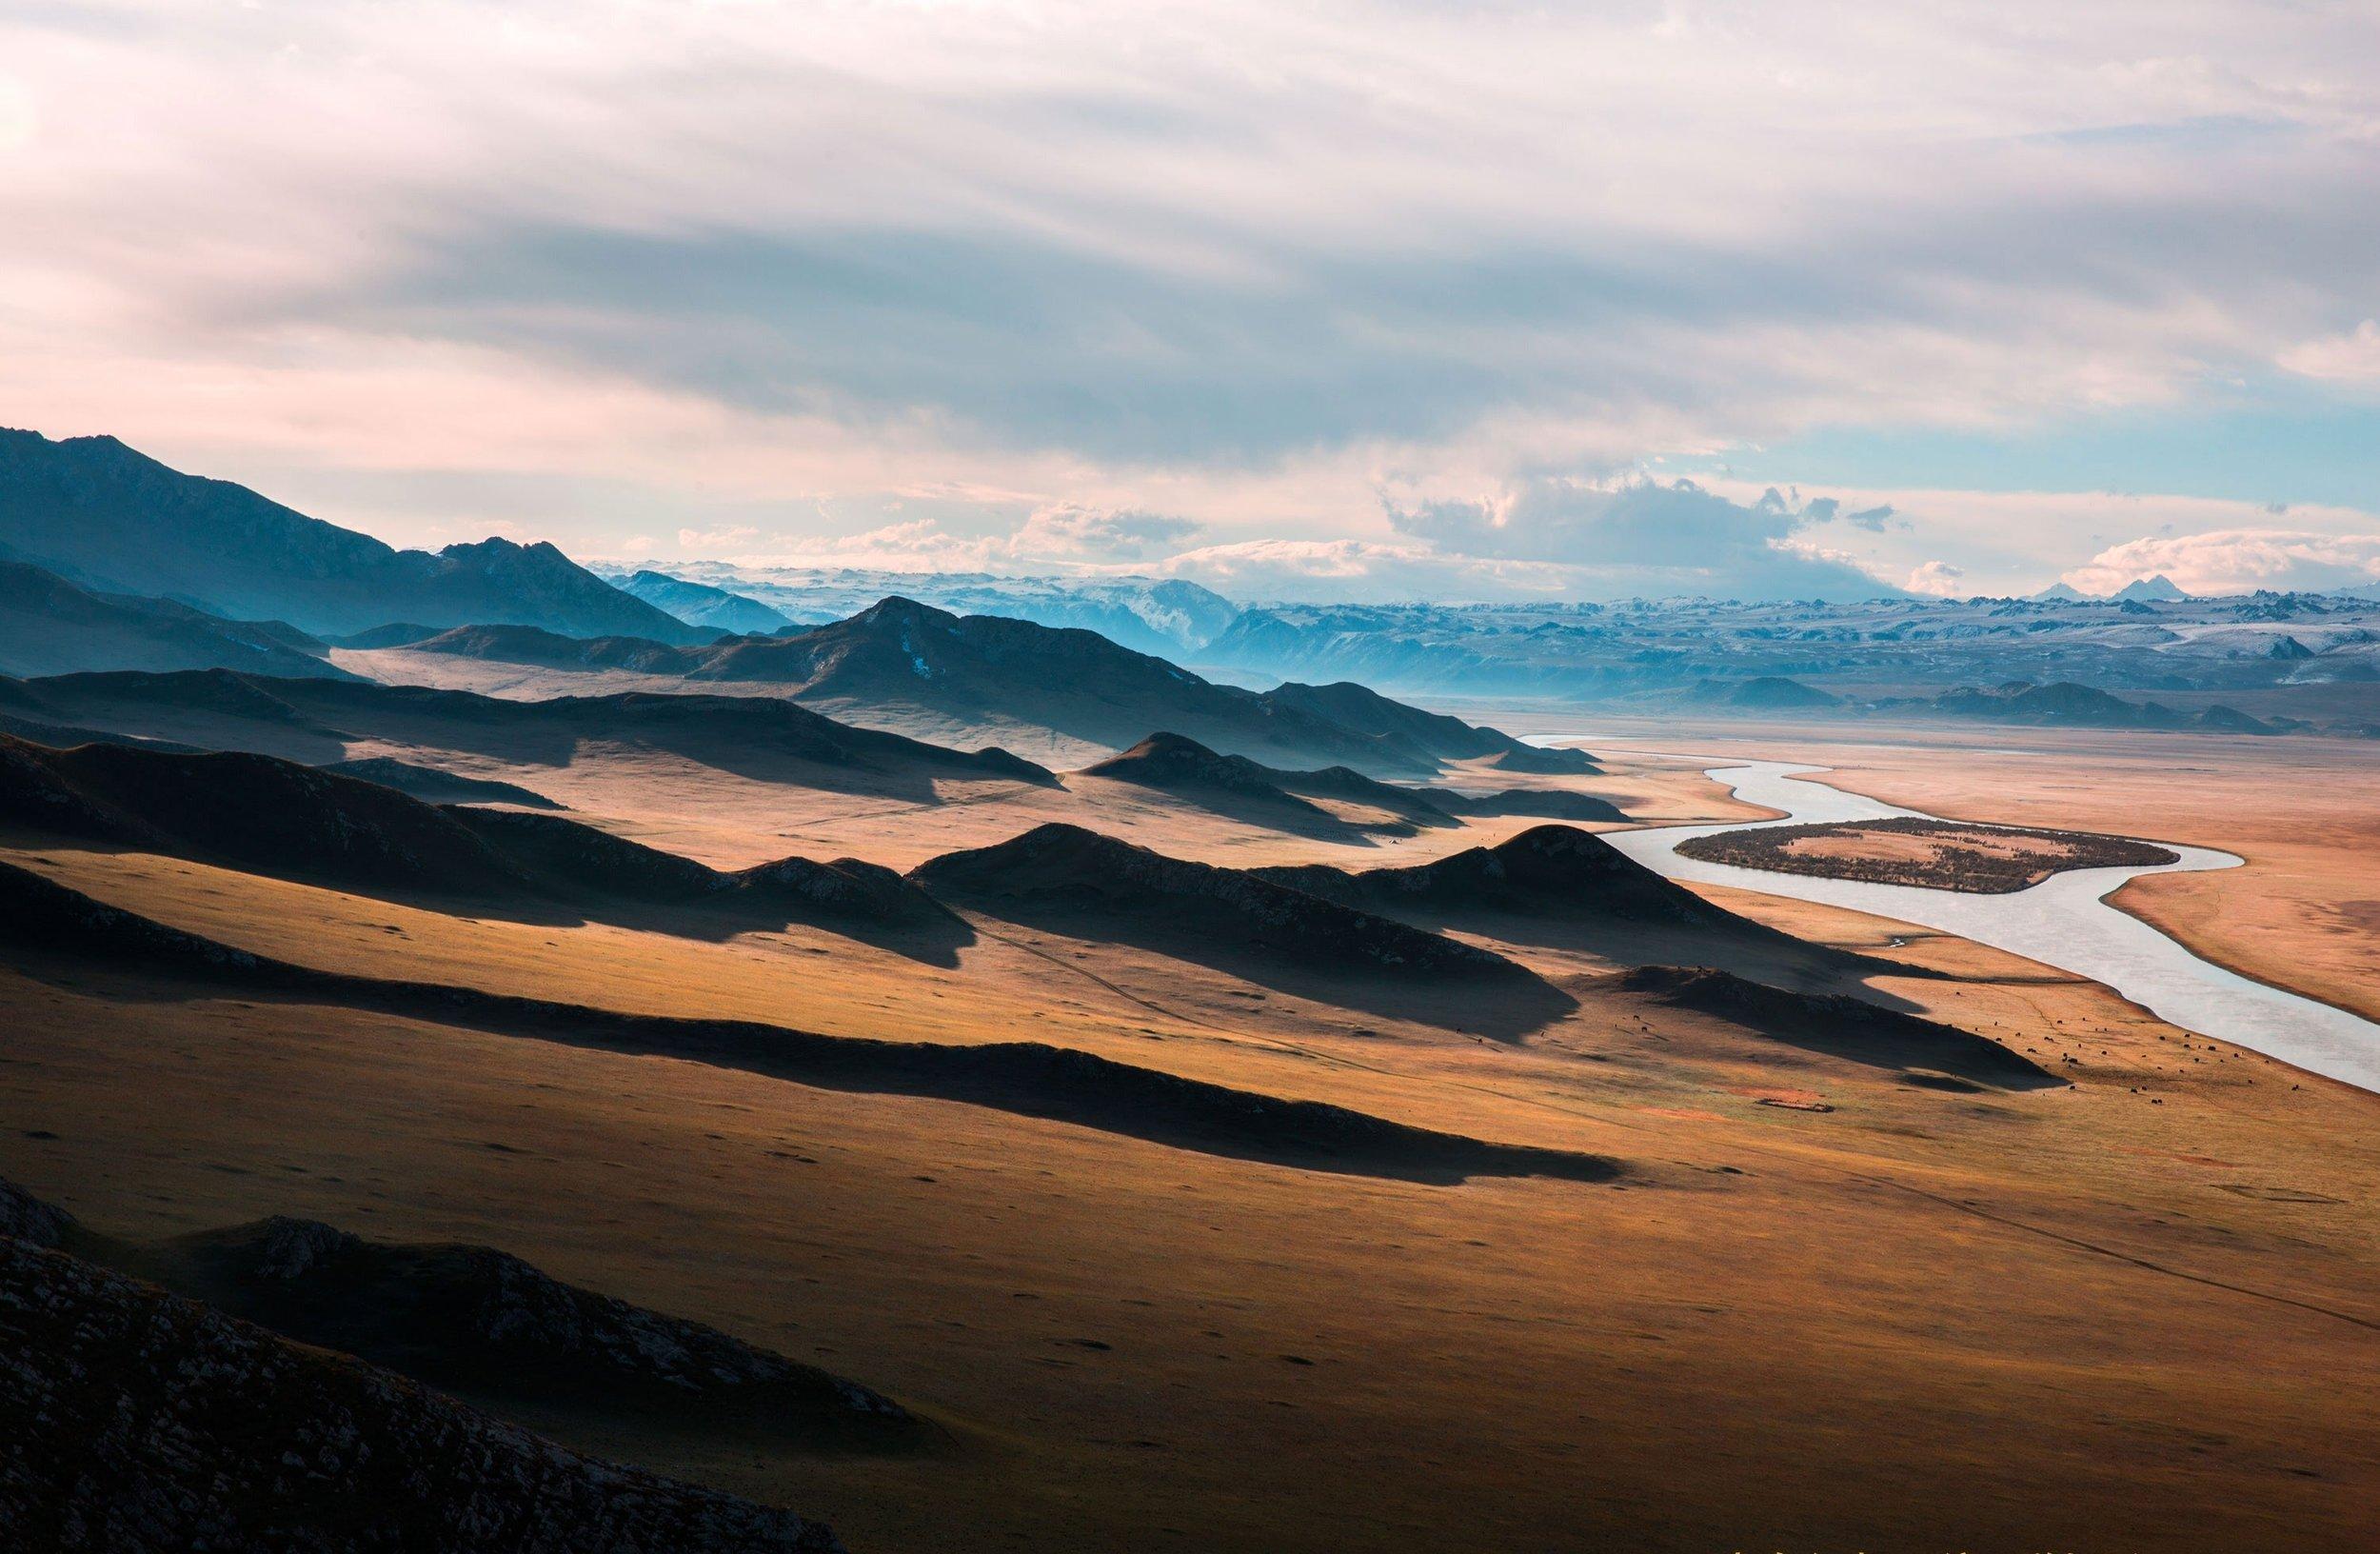 desert-landscape-mountains-37648.jpg